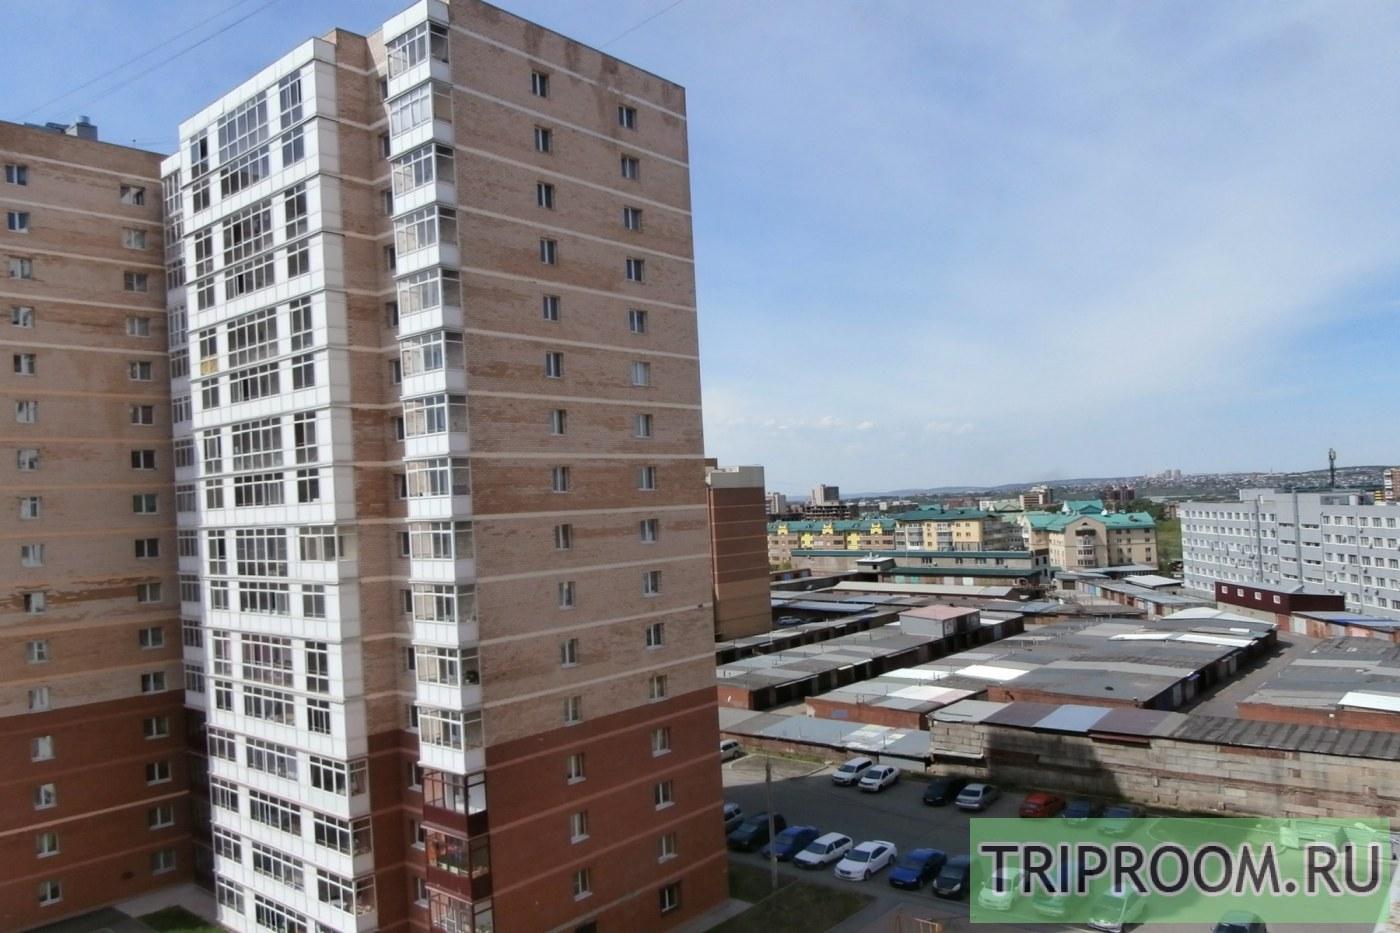 1-комнатная квартира посуточно (вариант № 37778), ул. Крылатый микрорайон, фото № 16